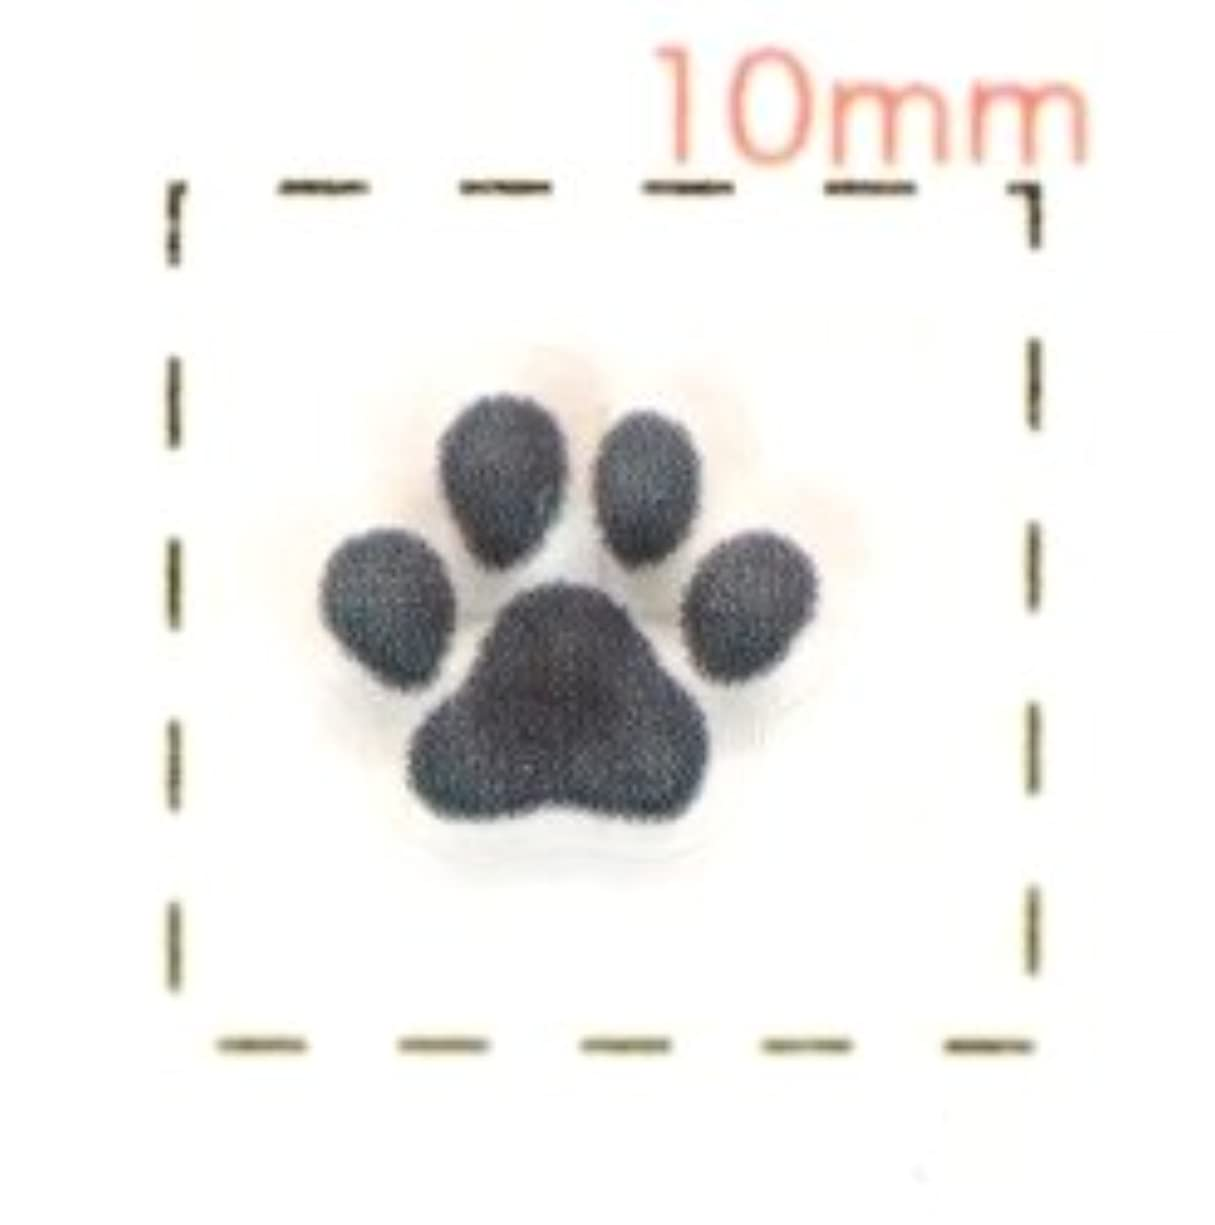 自由侵入する接触犬の足跡(肉球)【ドッグ ネイルシール】(1)ブラック/1シート16枚